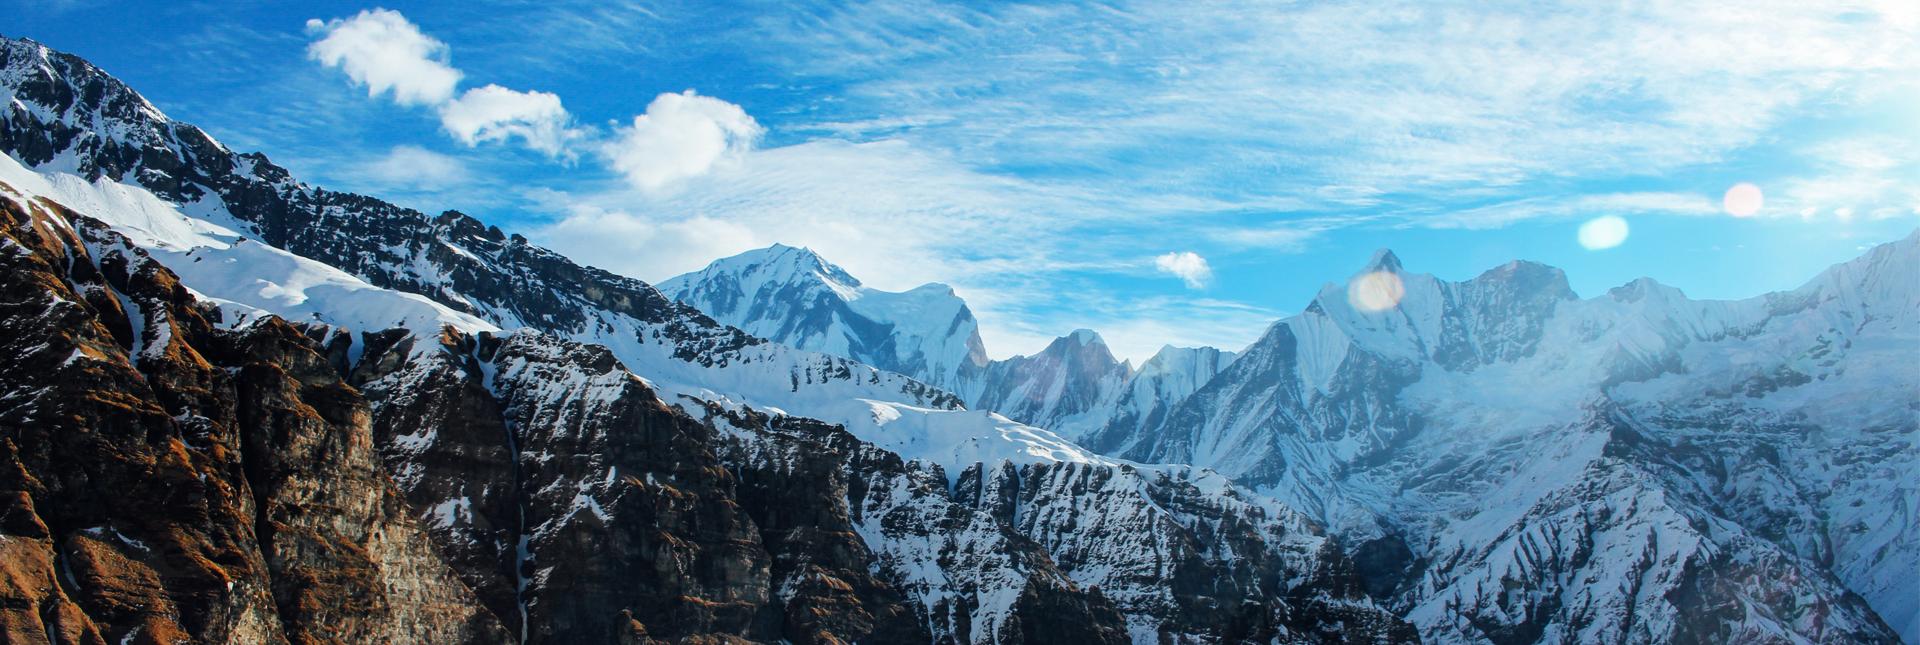 Views around Annapurna